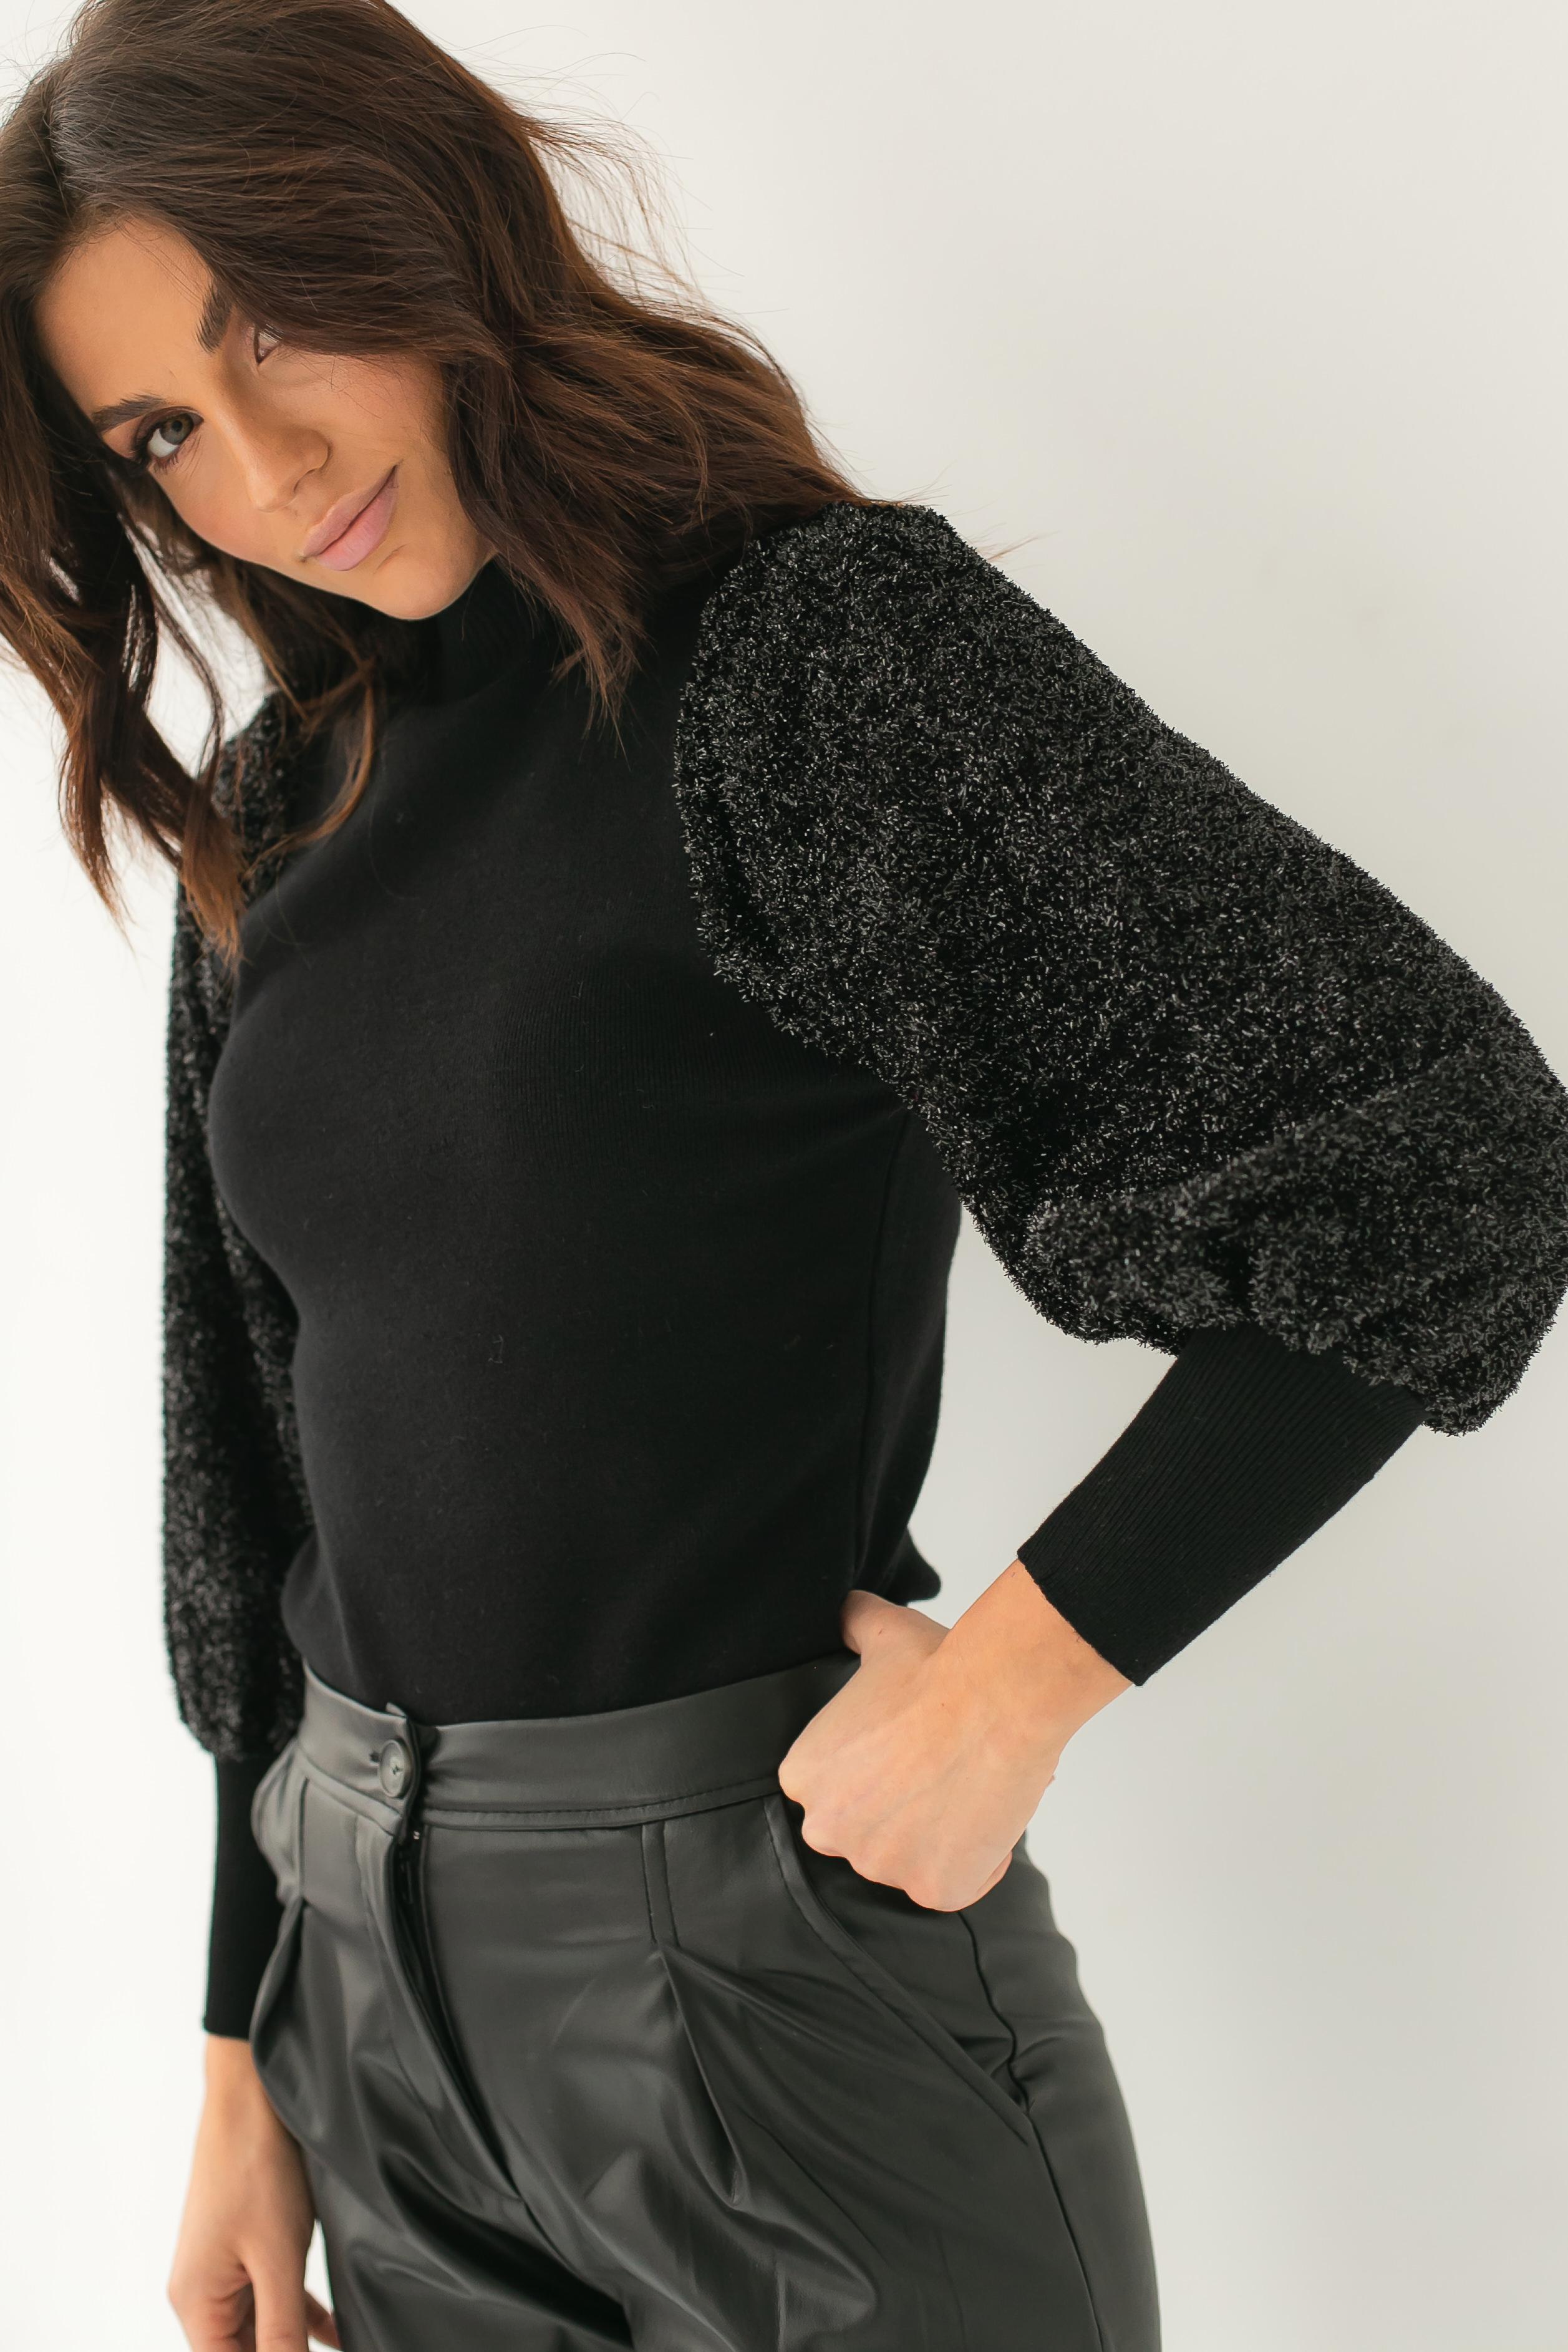 Облегающий свитер с трендовыми объемными рукавами блестящая травка Jasmine - черный цвет